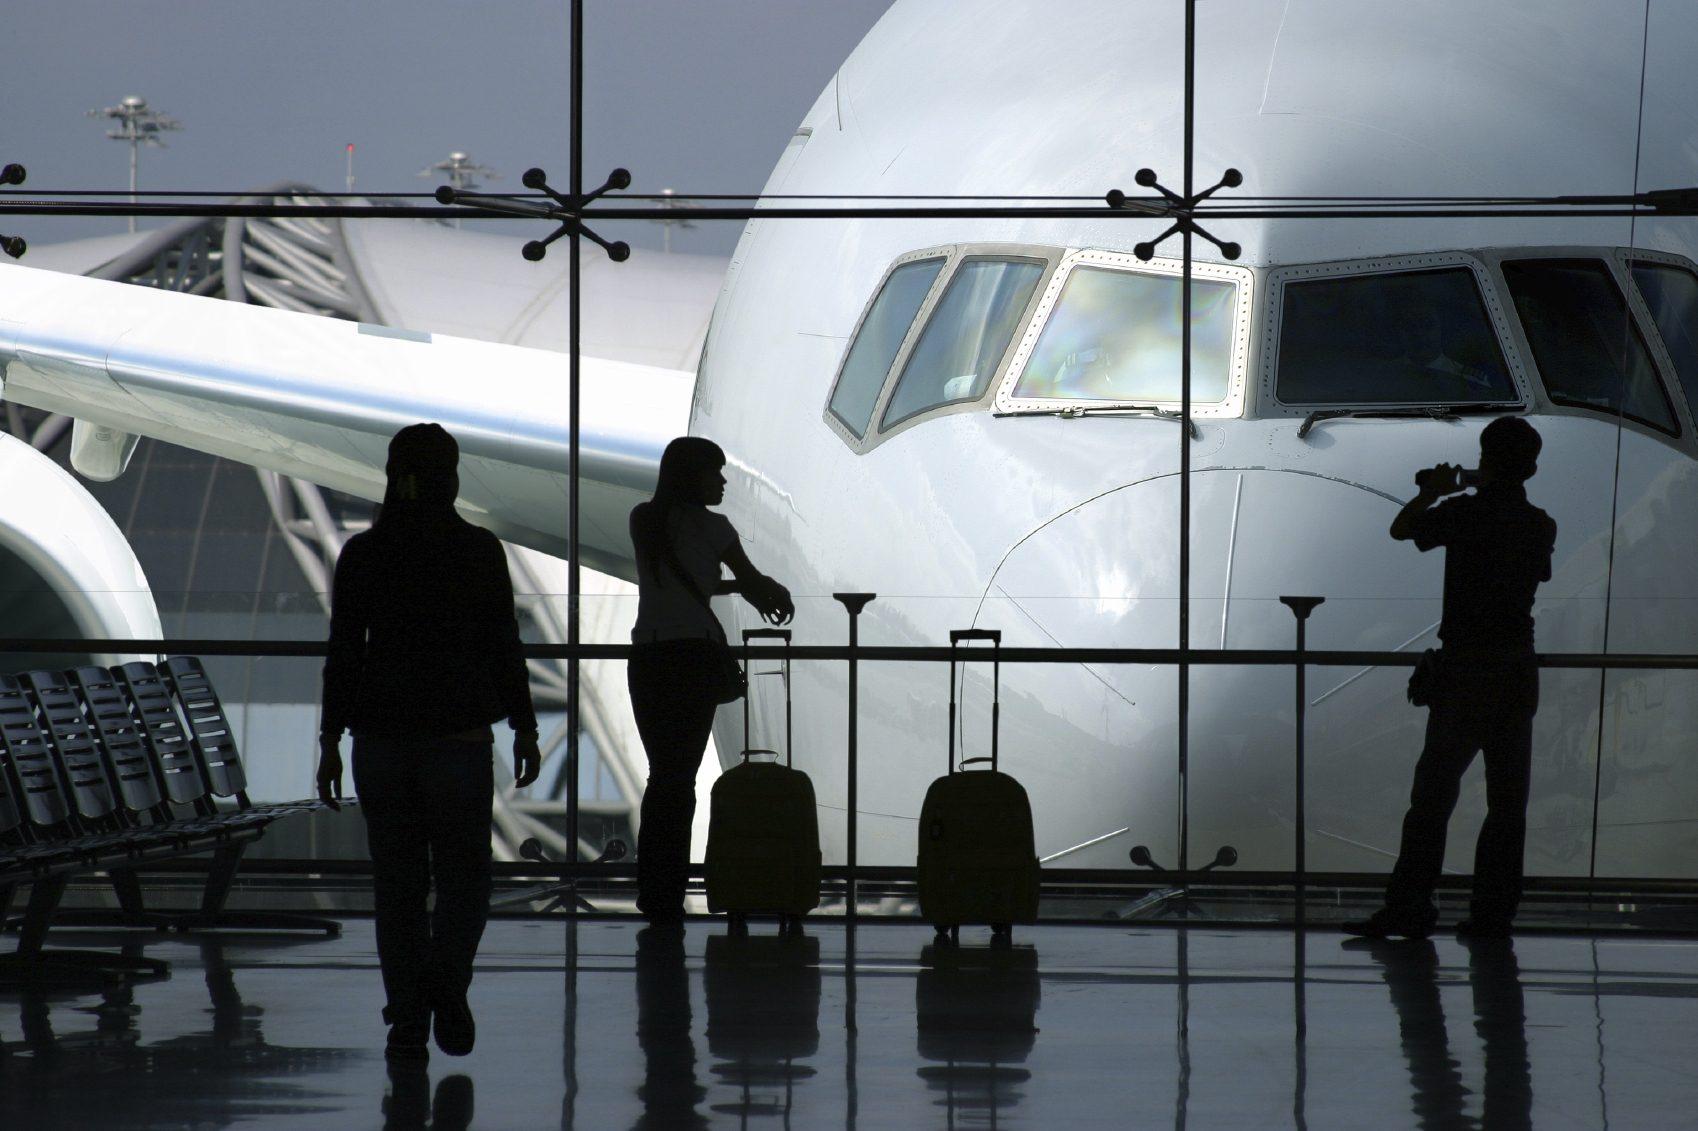 Demanda por transporte aéreo de passageiros sobe 10,7% em abril, diz Iata